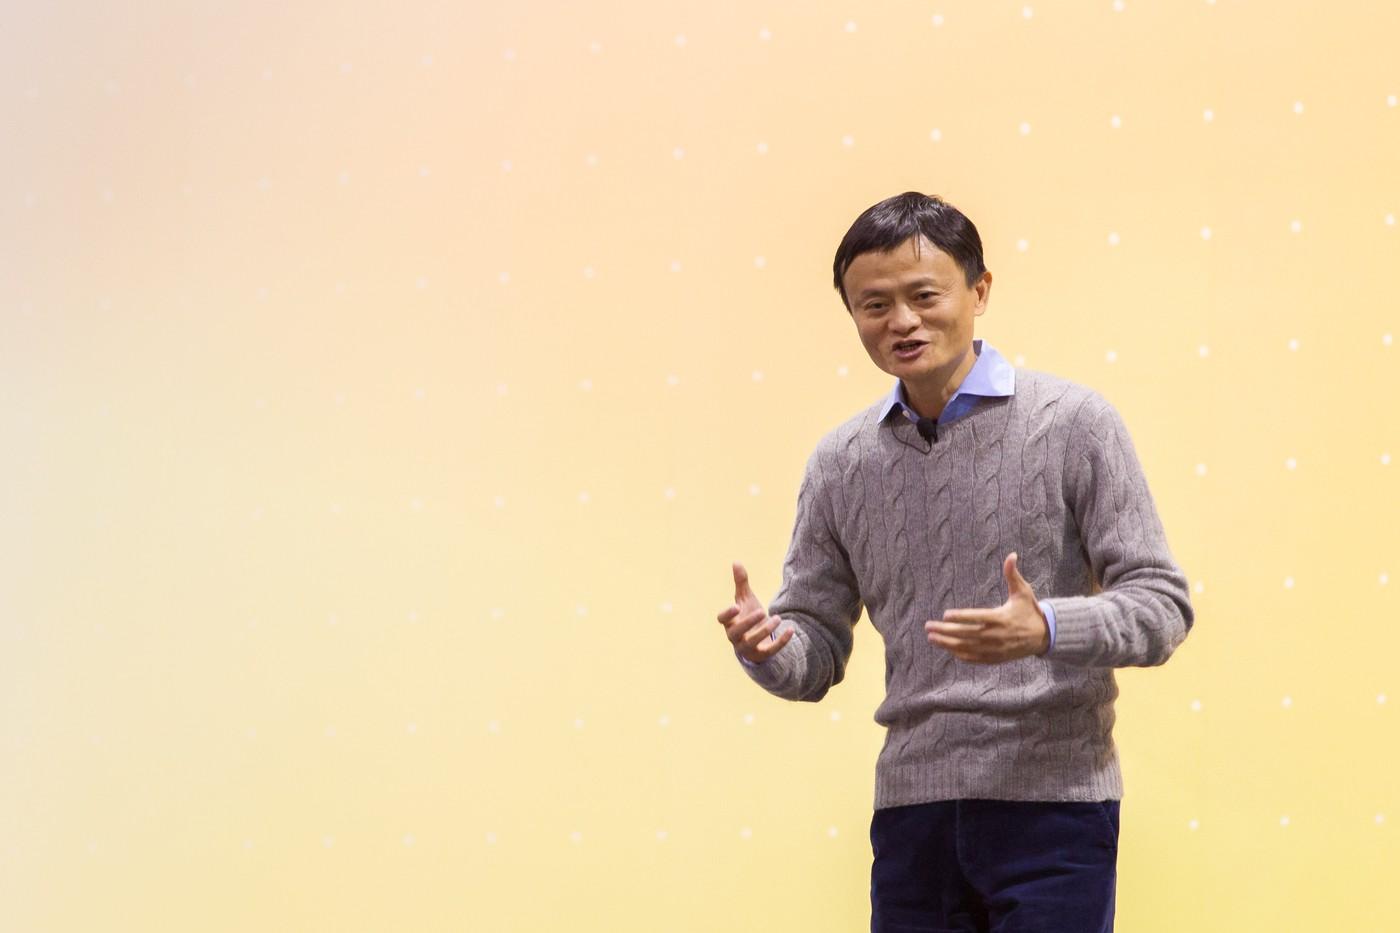 馬雲首次創業公開課:沒有一種變態的執著和熱愛,後面孤獨的道路你走不下去